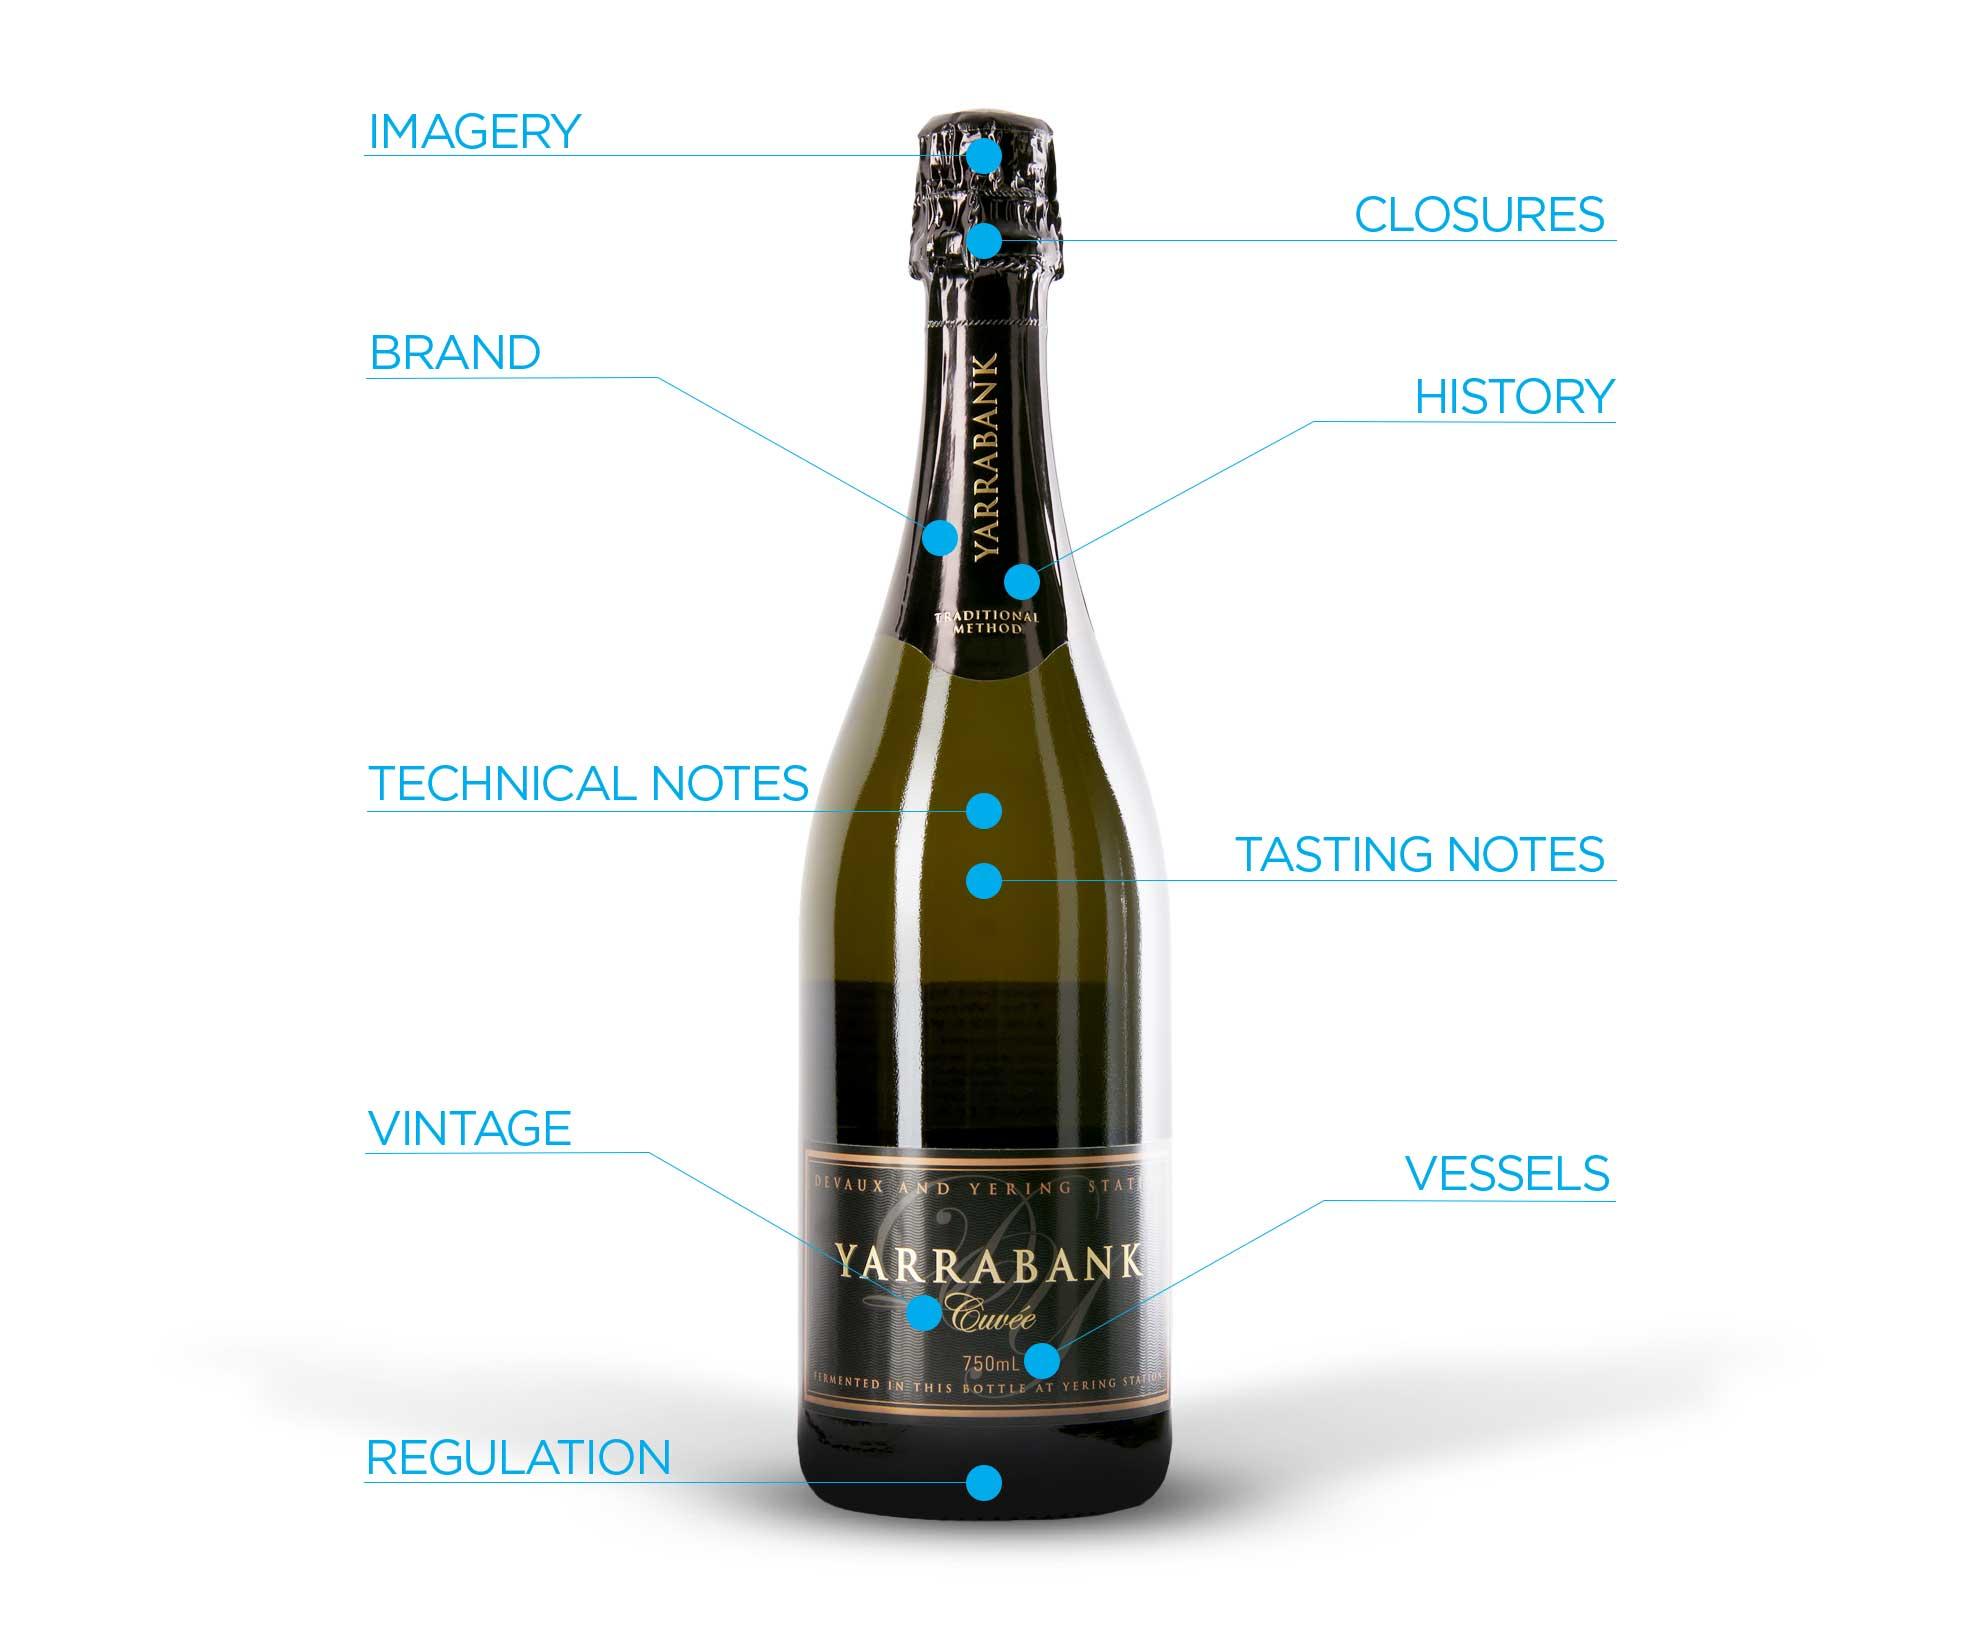 Image Courtesy of Global Wine Database